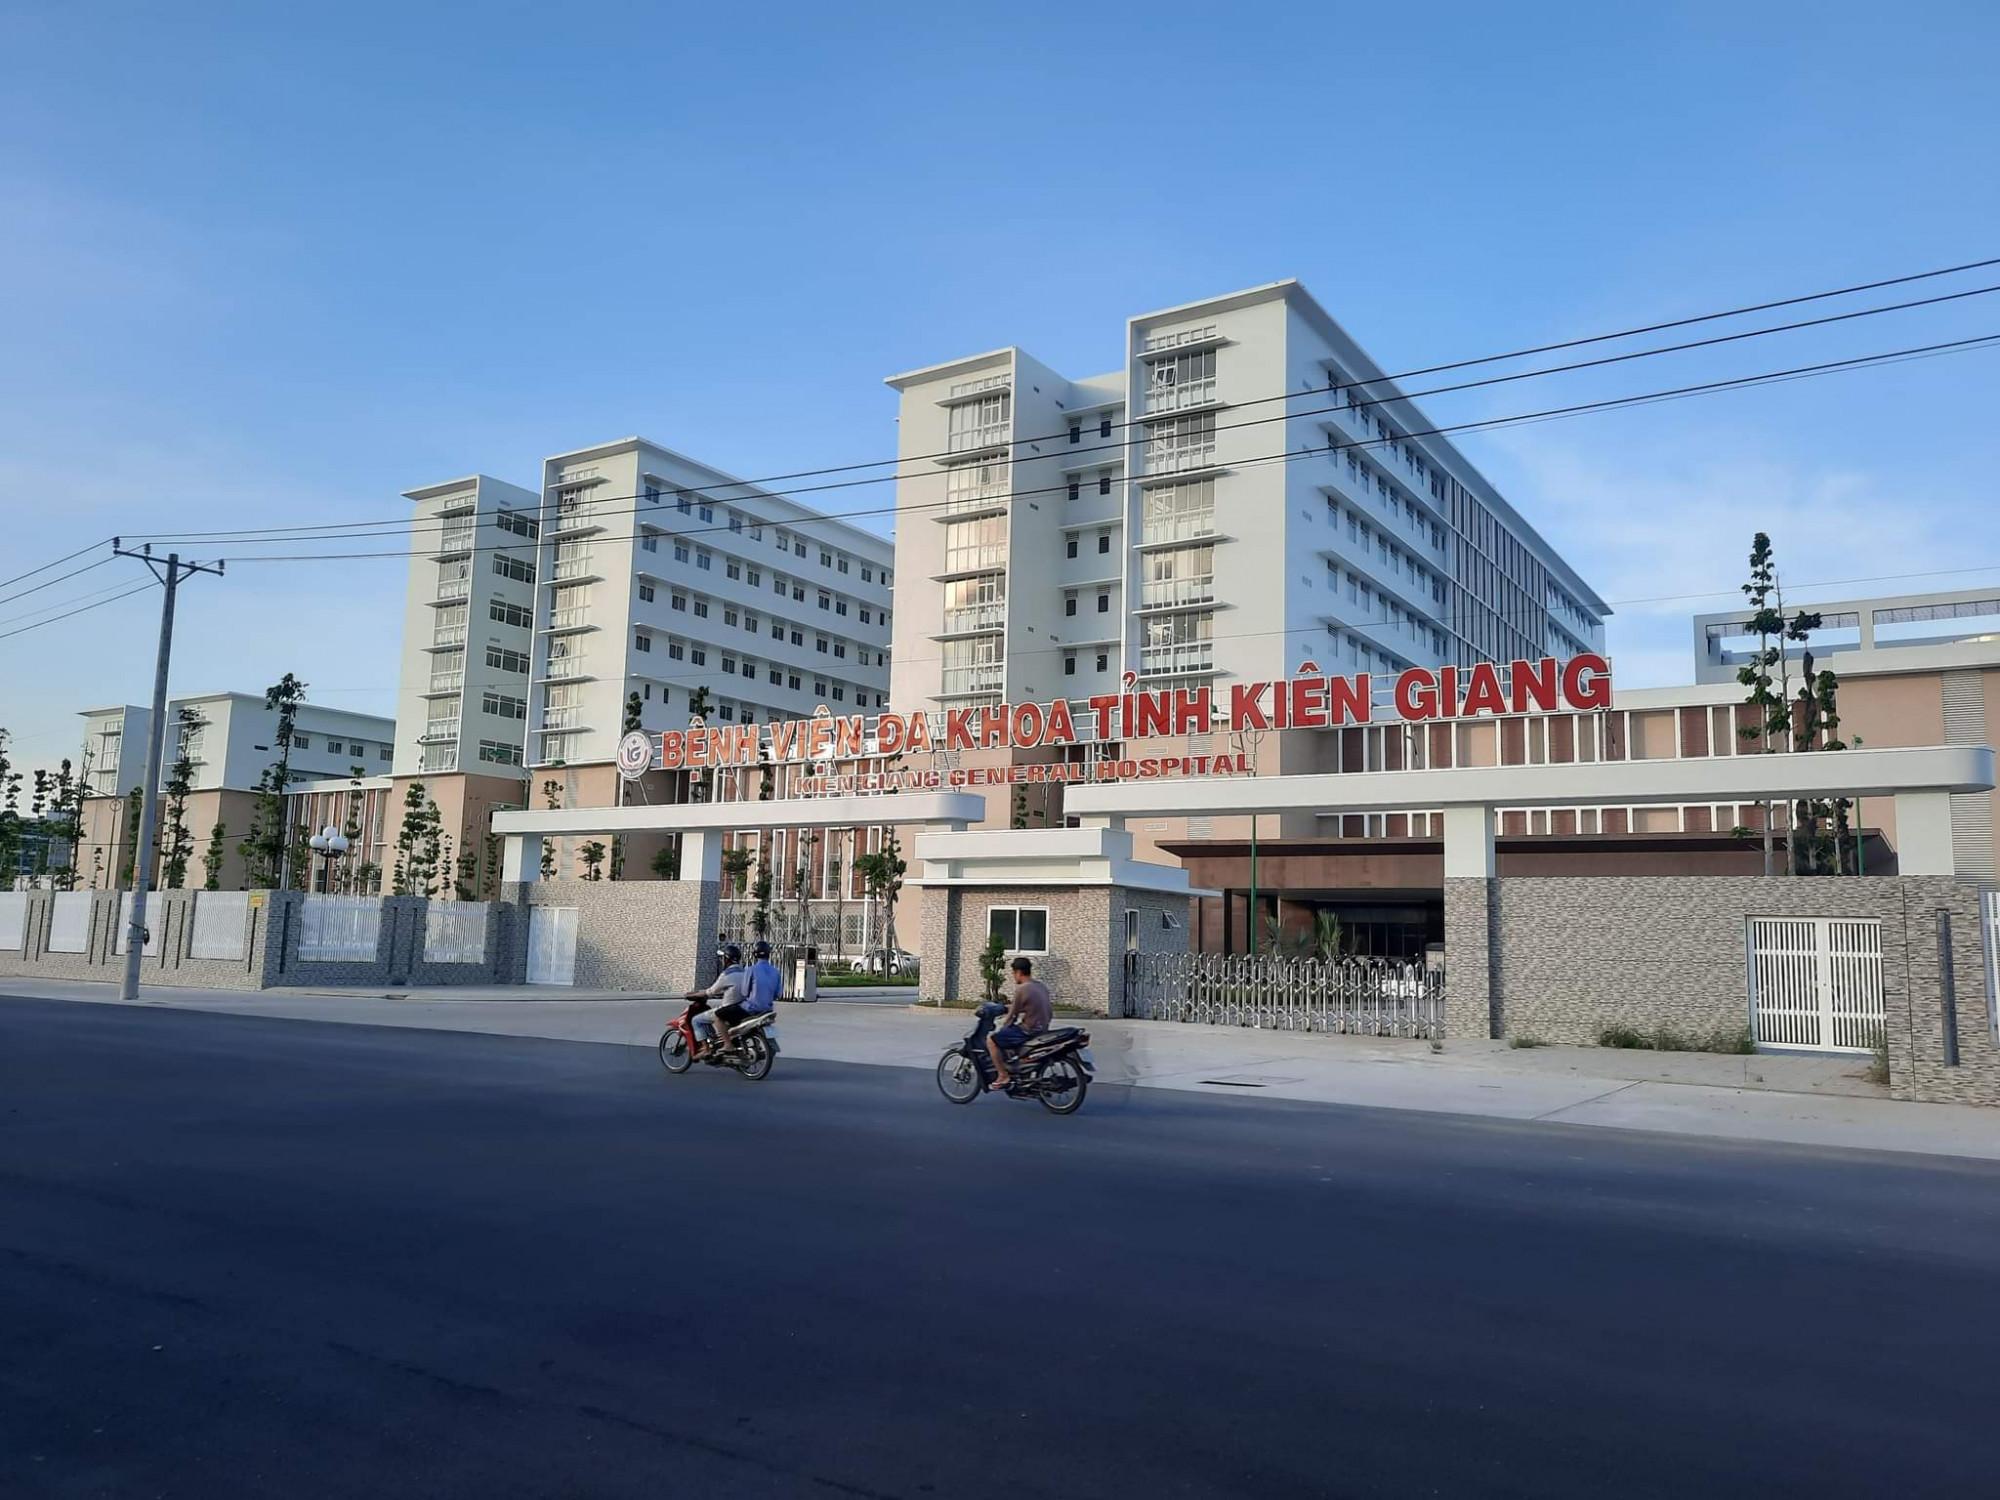 Bệnh viện đa khoa tỉnh Kiên Giang tạm ngưng chuyển bệnh nhân đến và khám ngoại trú